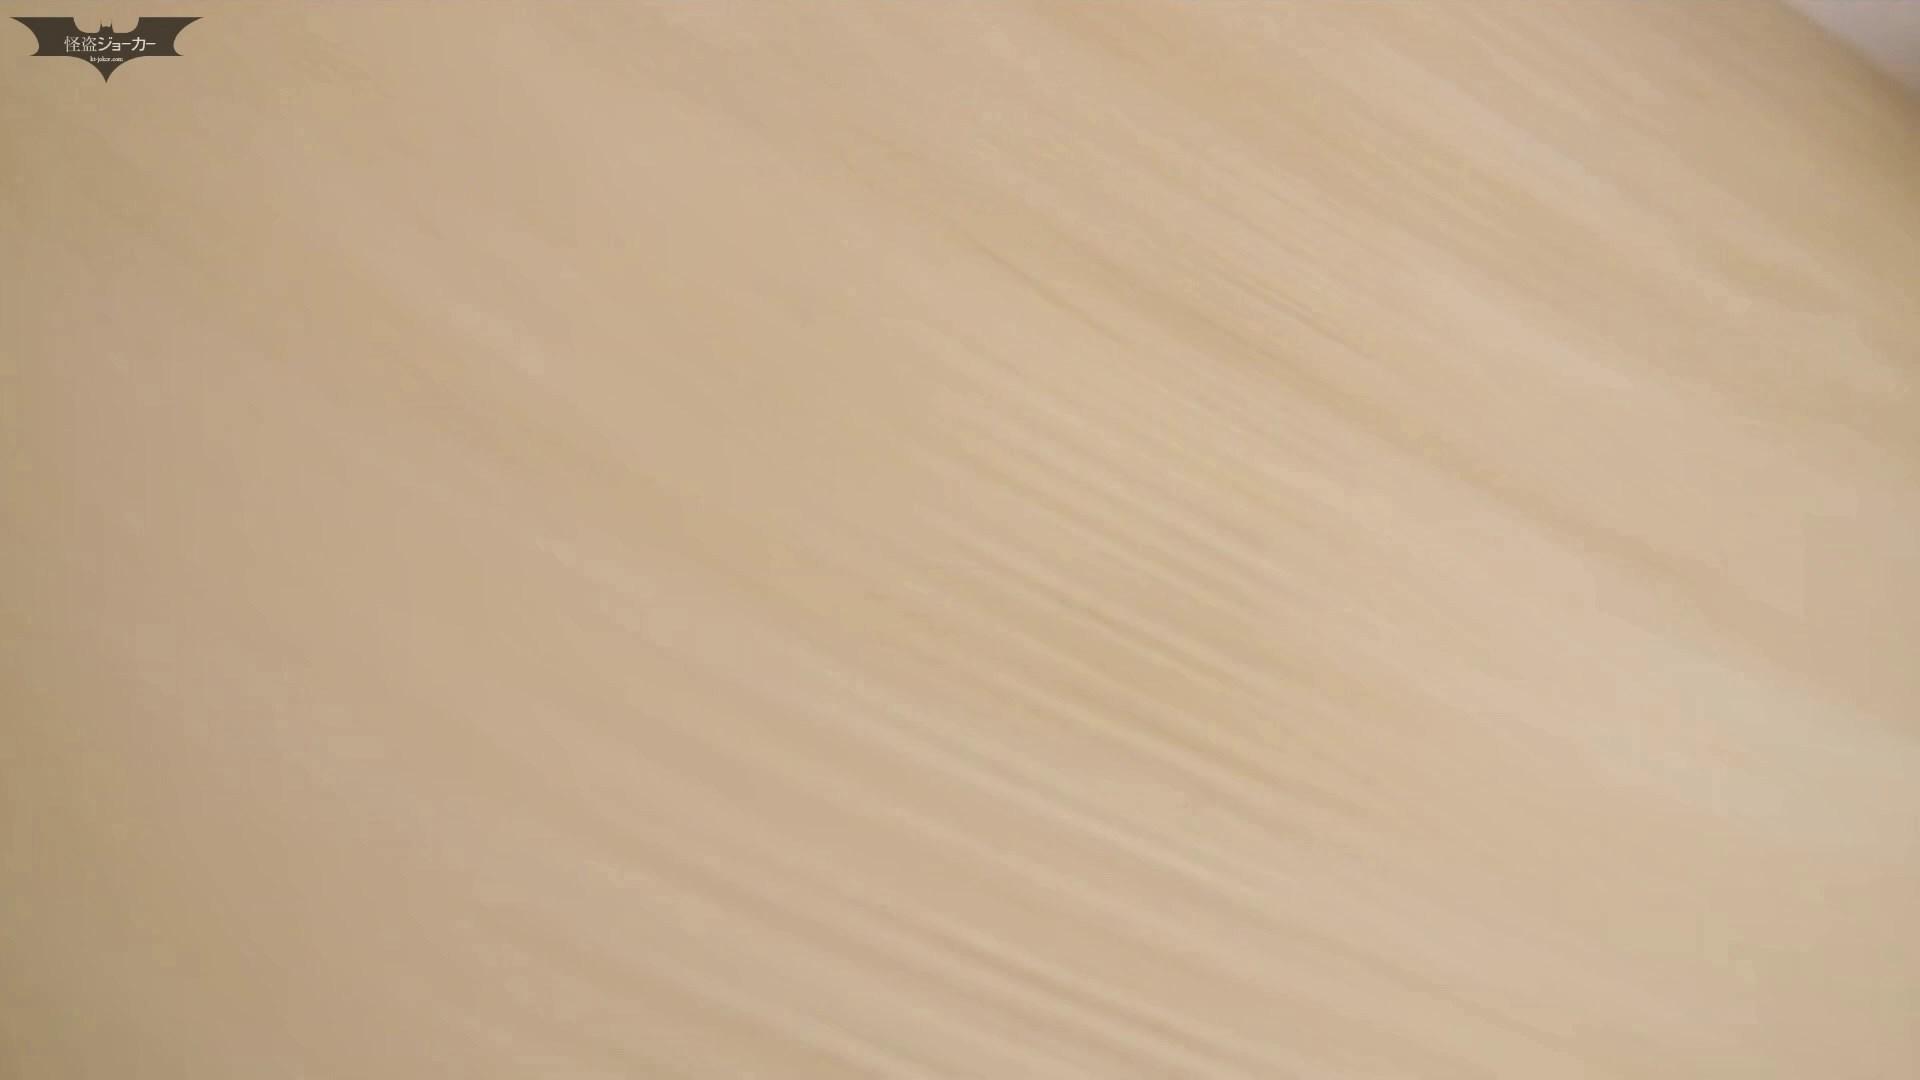 阿国ちゃんの和式洋式七変化 Vol.26 女子会開催でJD大集合! エッチなお姉さん   和式・女子用  75画像 8